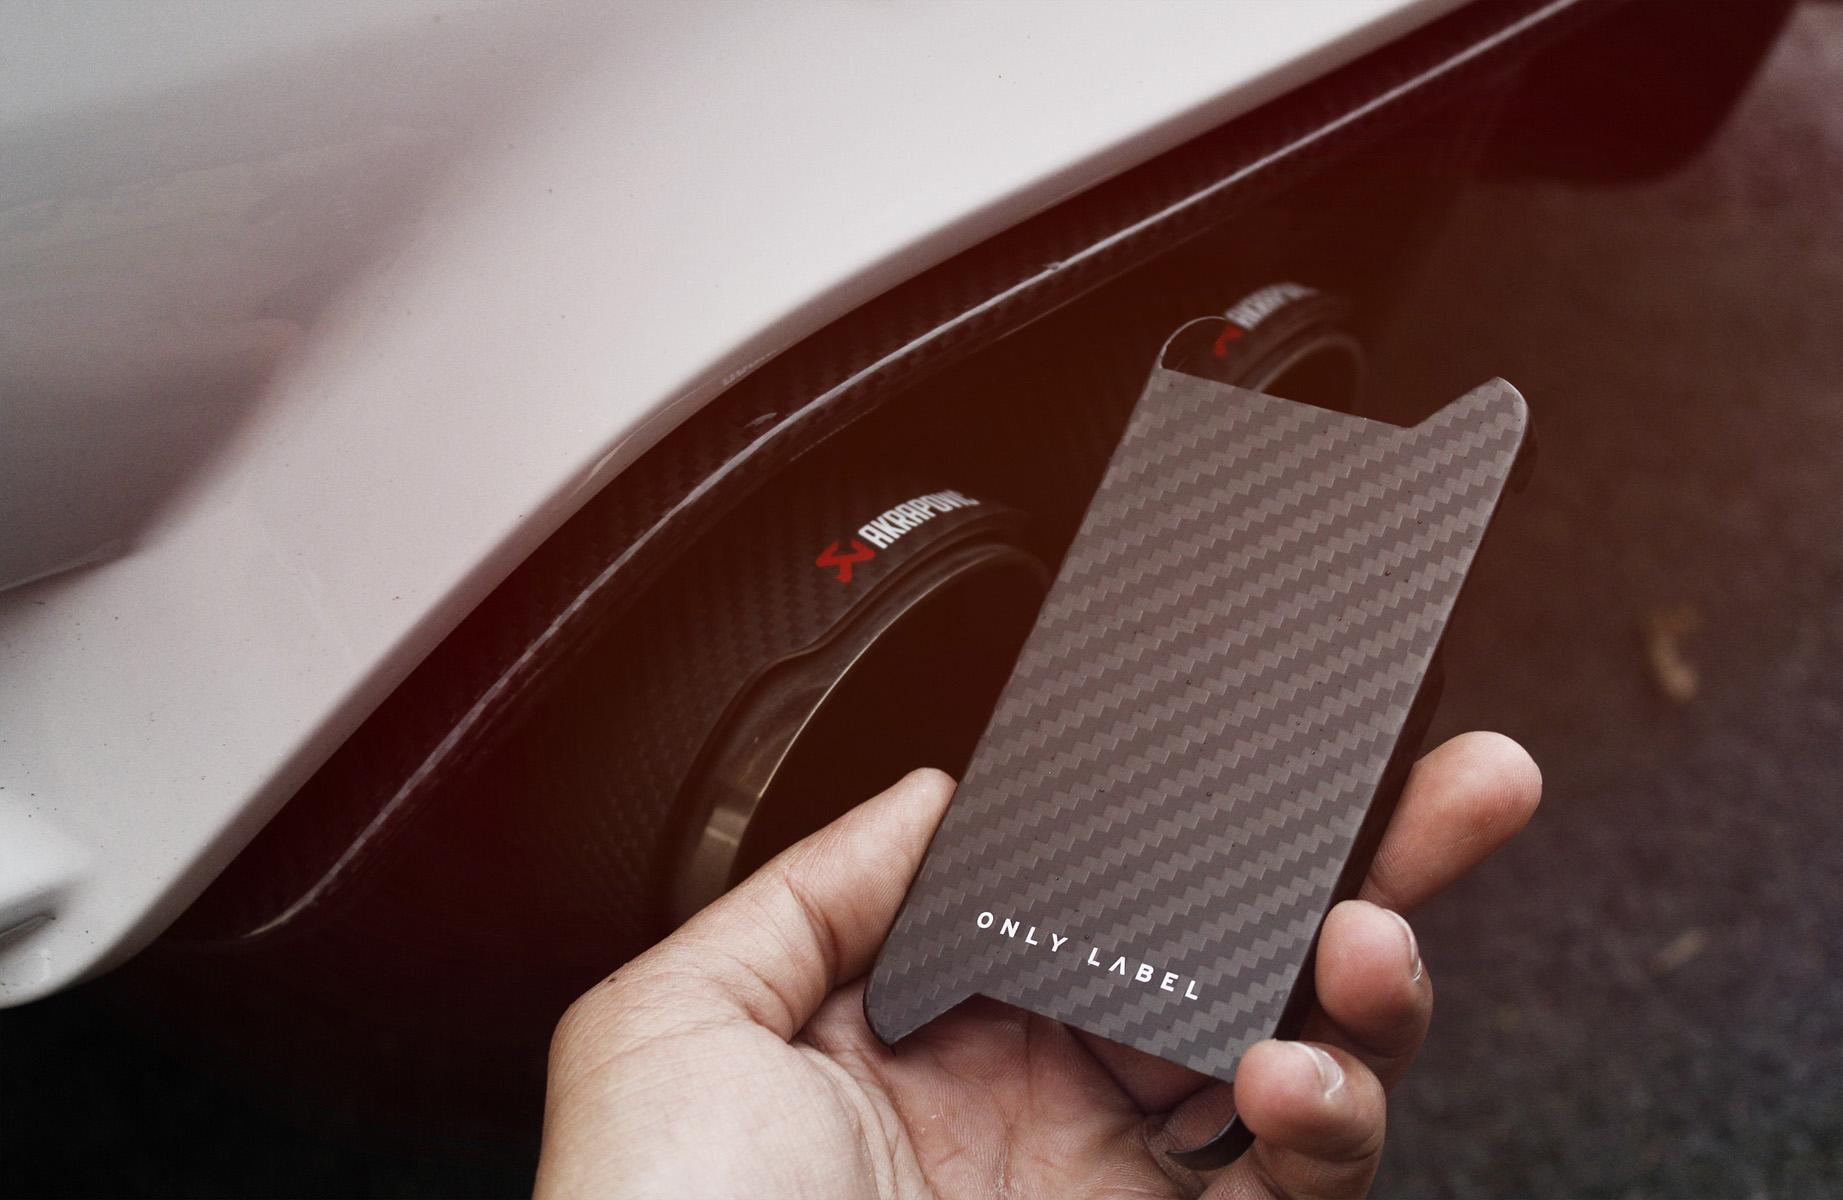 Only Label Carbon Fiber iPhone SE 5s 5 _MG_1977.jpg